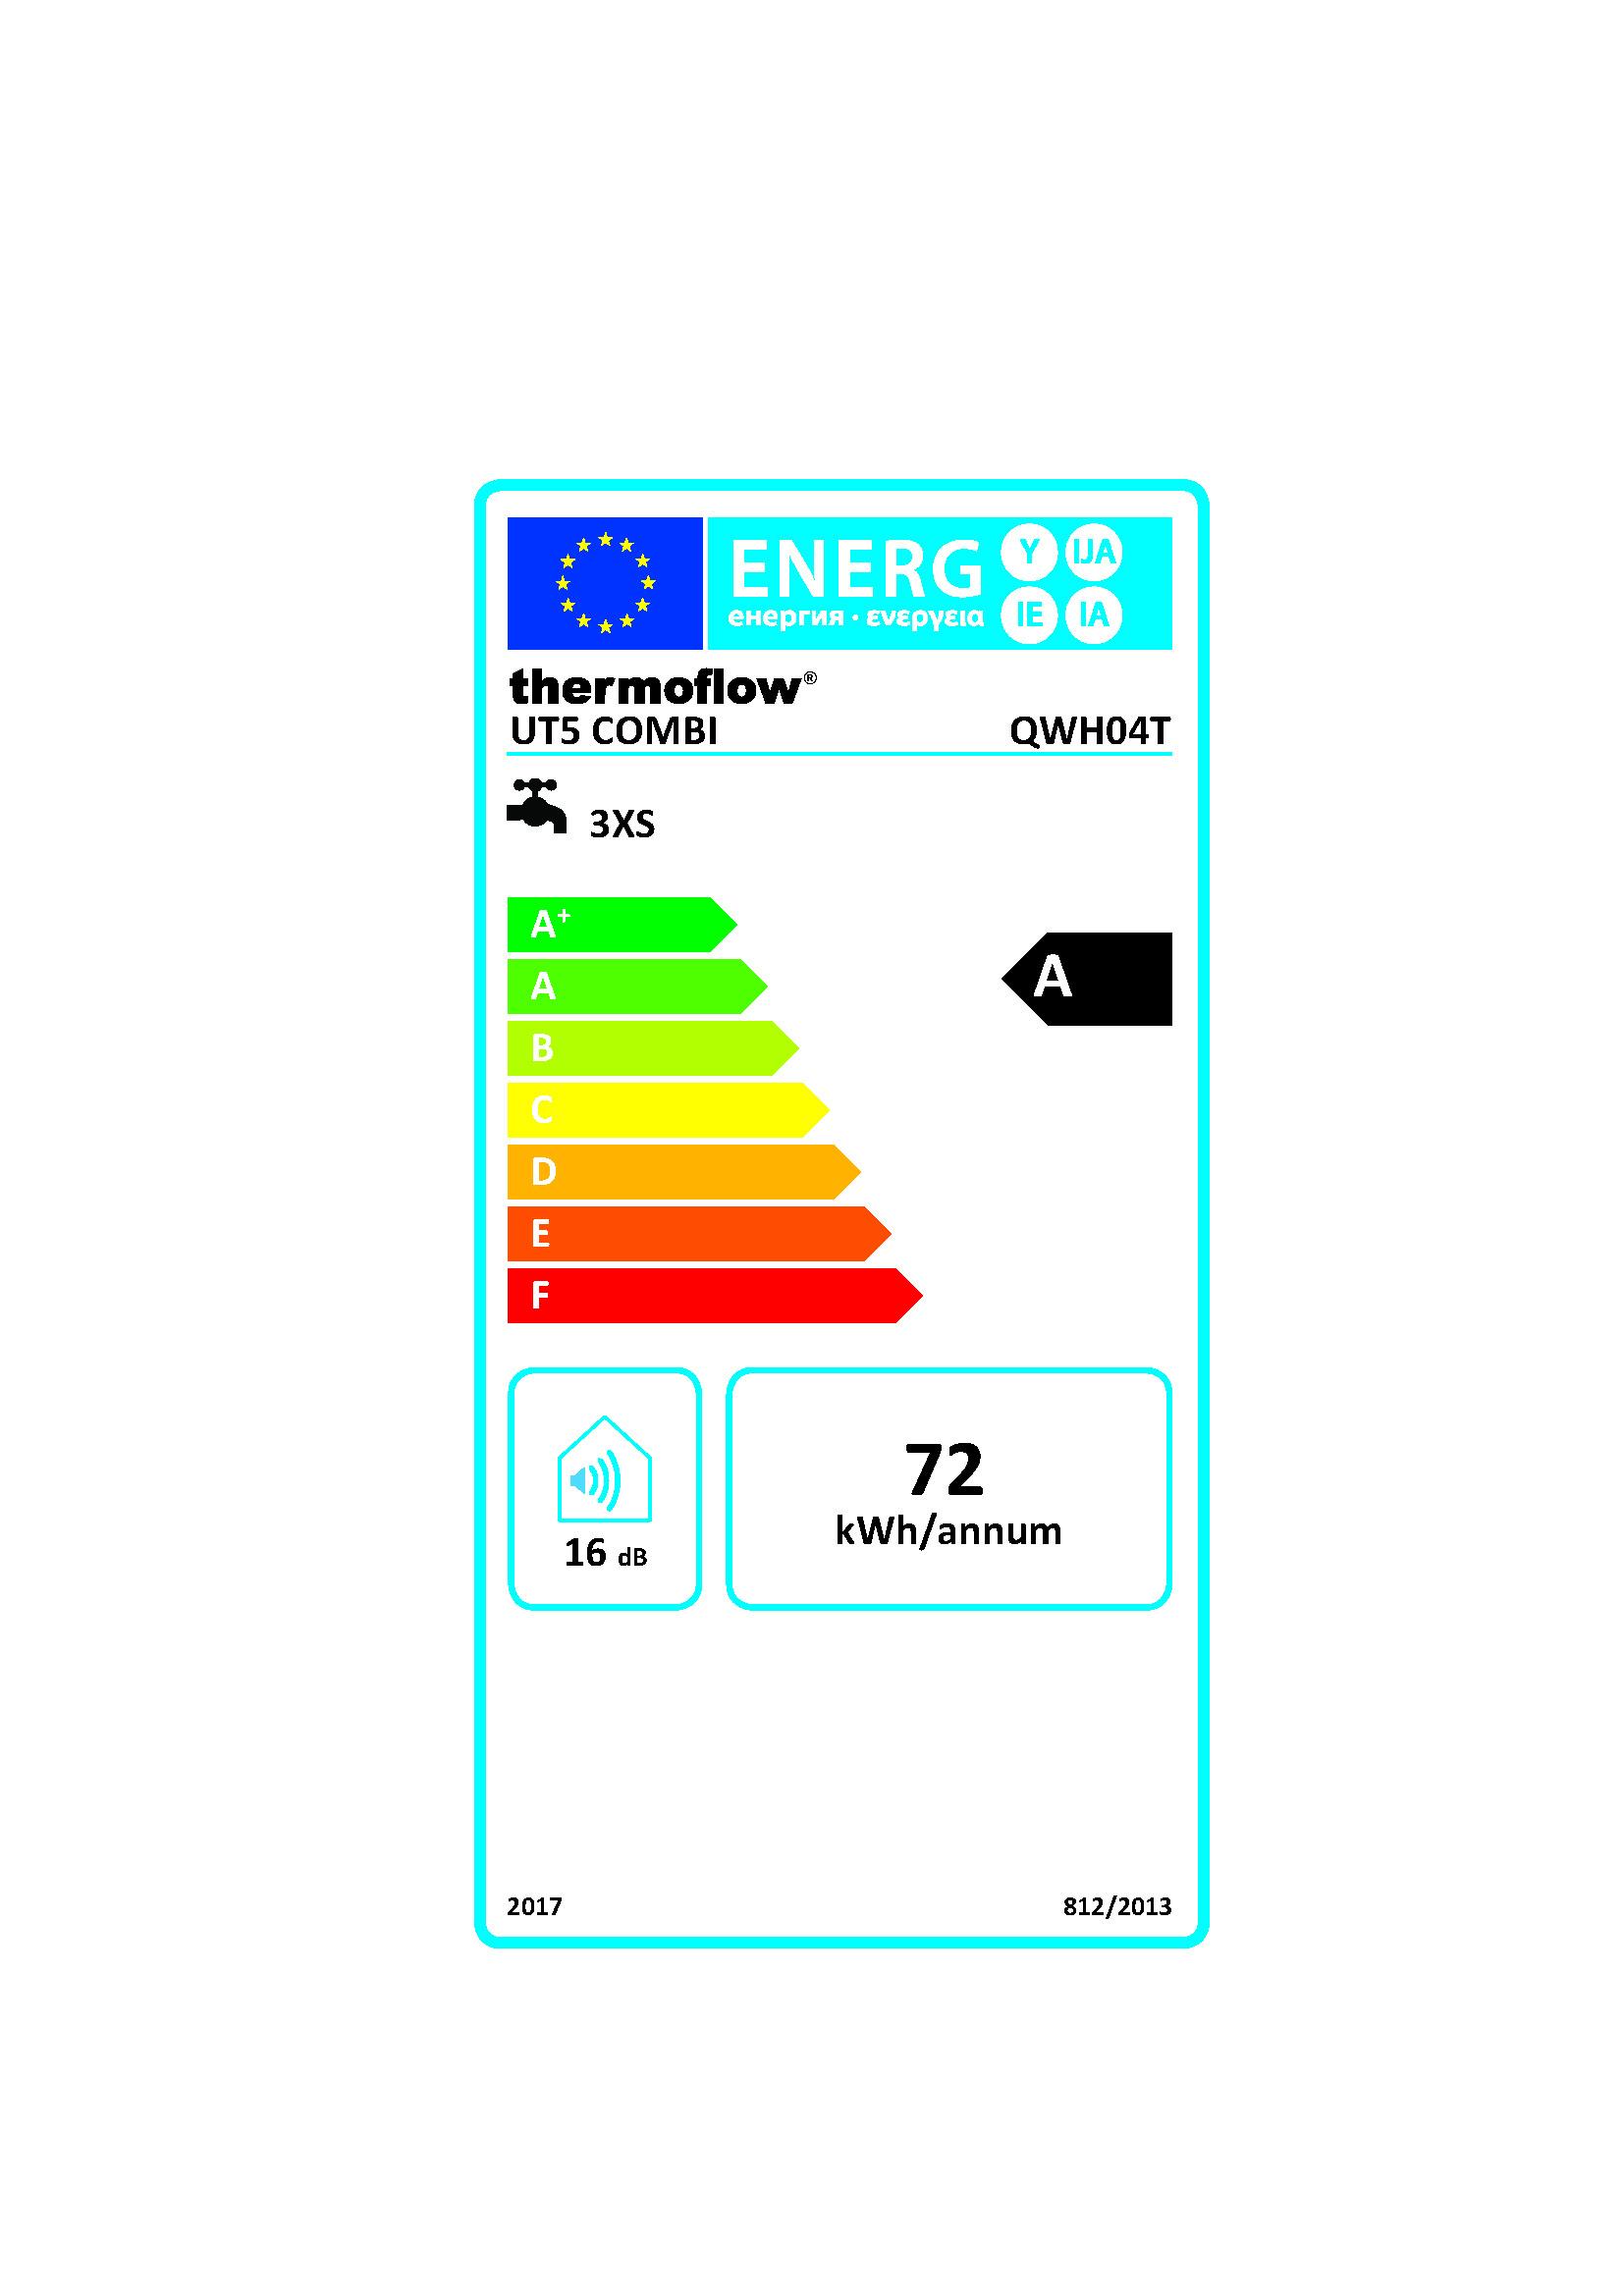 untertischger t untertisch boiler 5 l warmwasserger t armatur thermoflow ebay. Black Bedroom Furniture Sets. Home Design Ideas